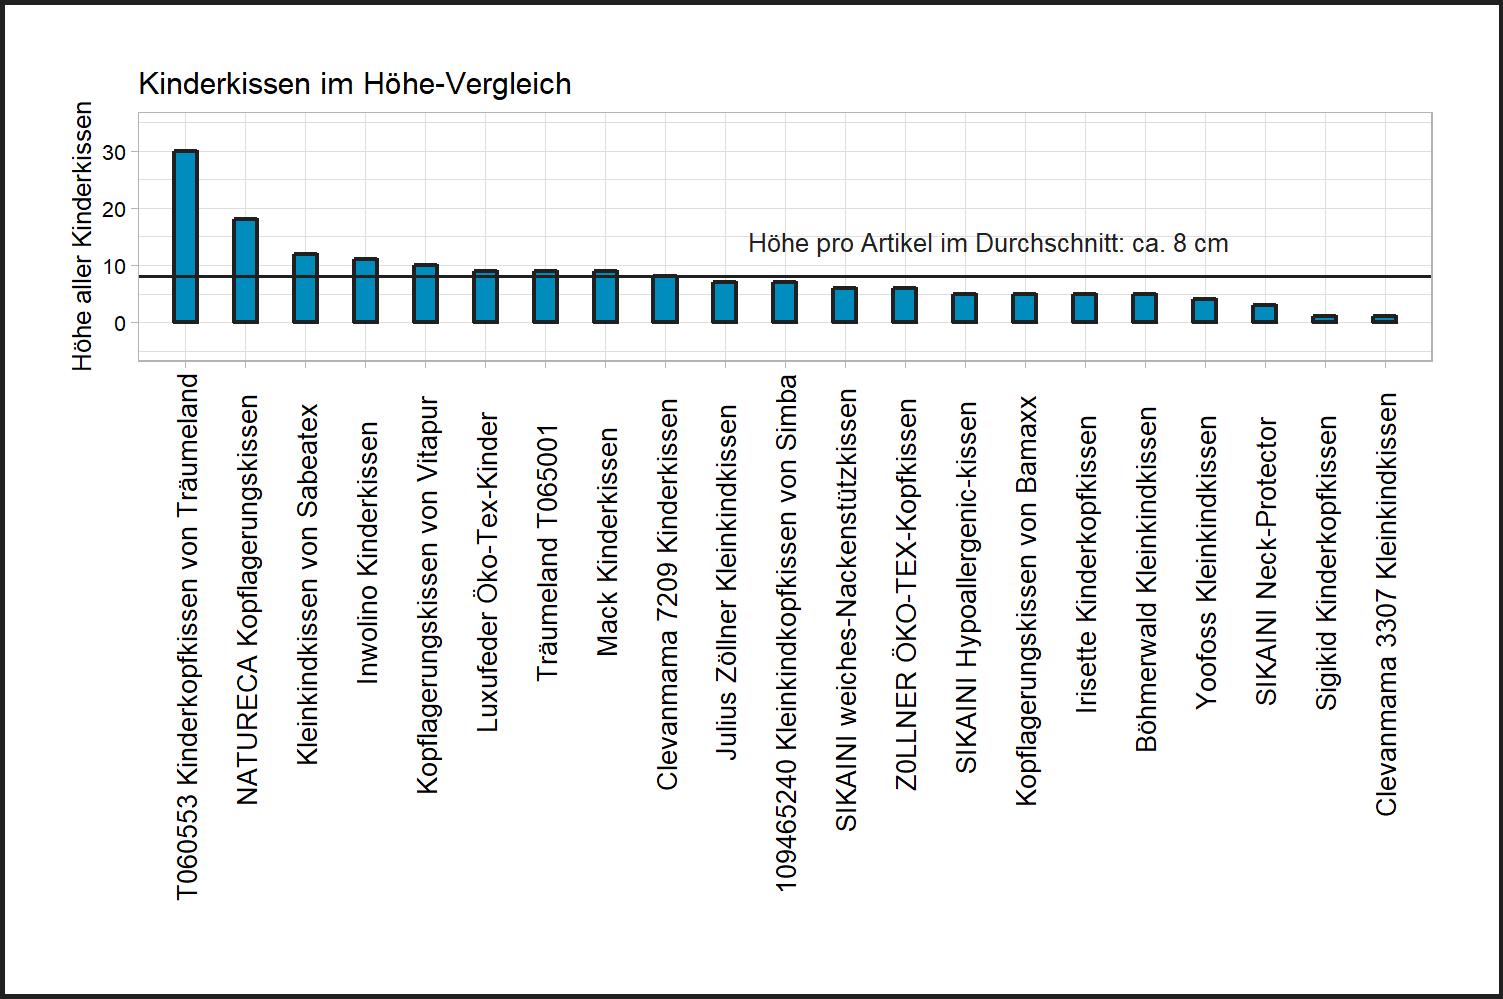 Höhe-Vergleich aller Kinderkissen